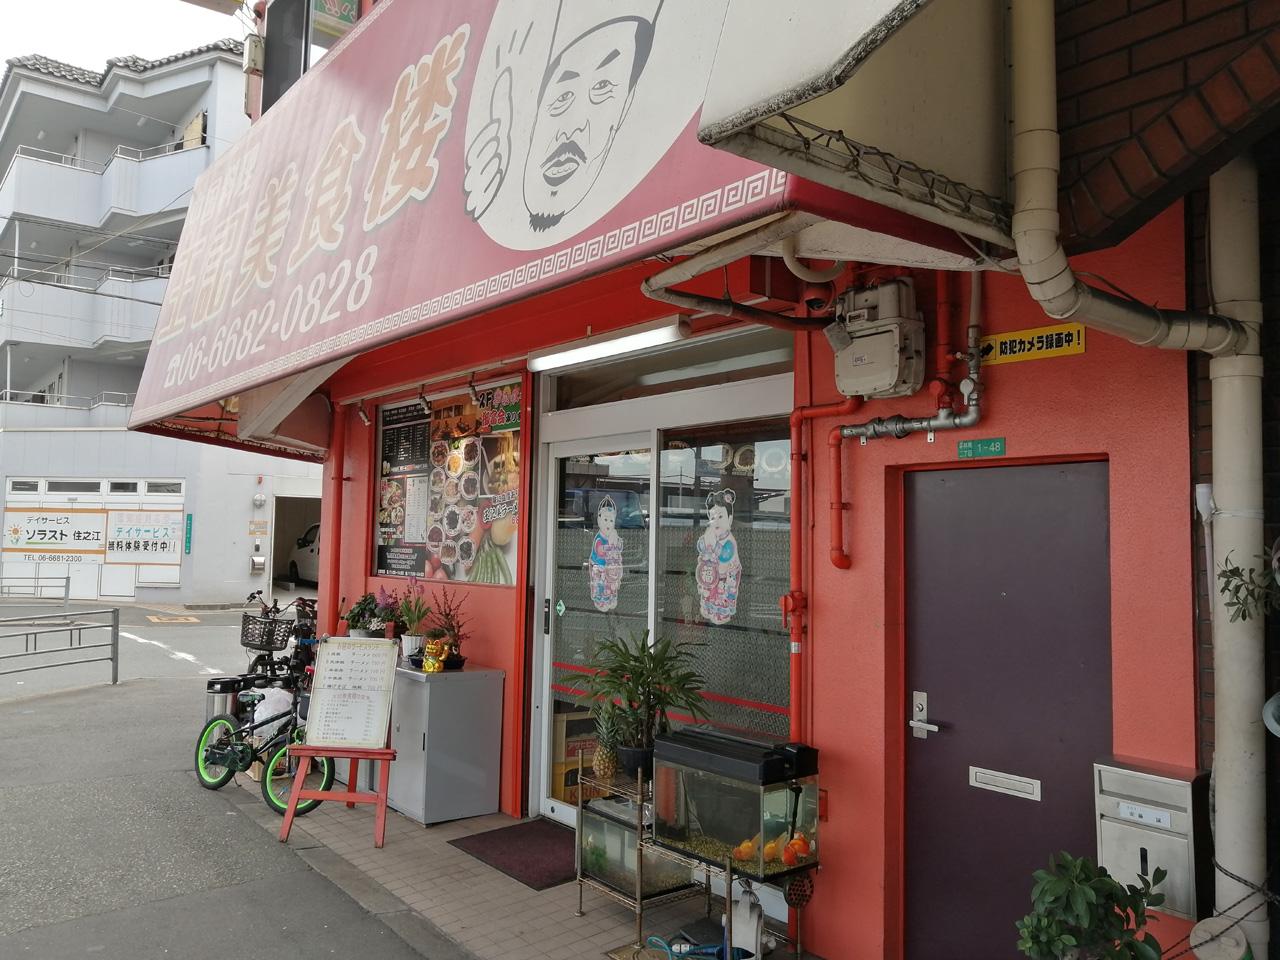 王記美食楼の店舗の外観